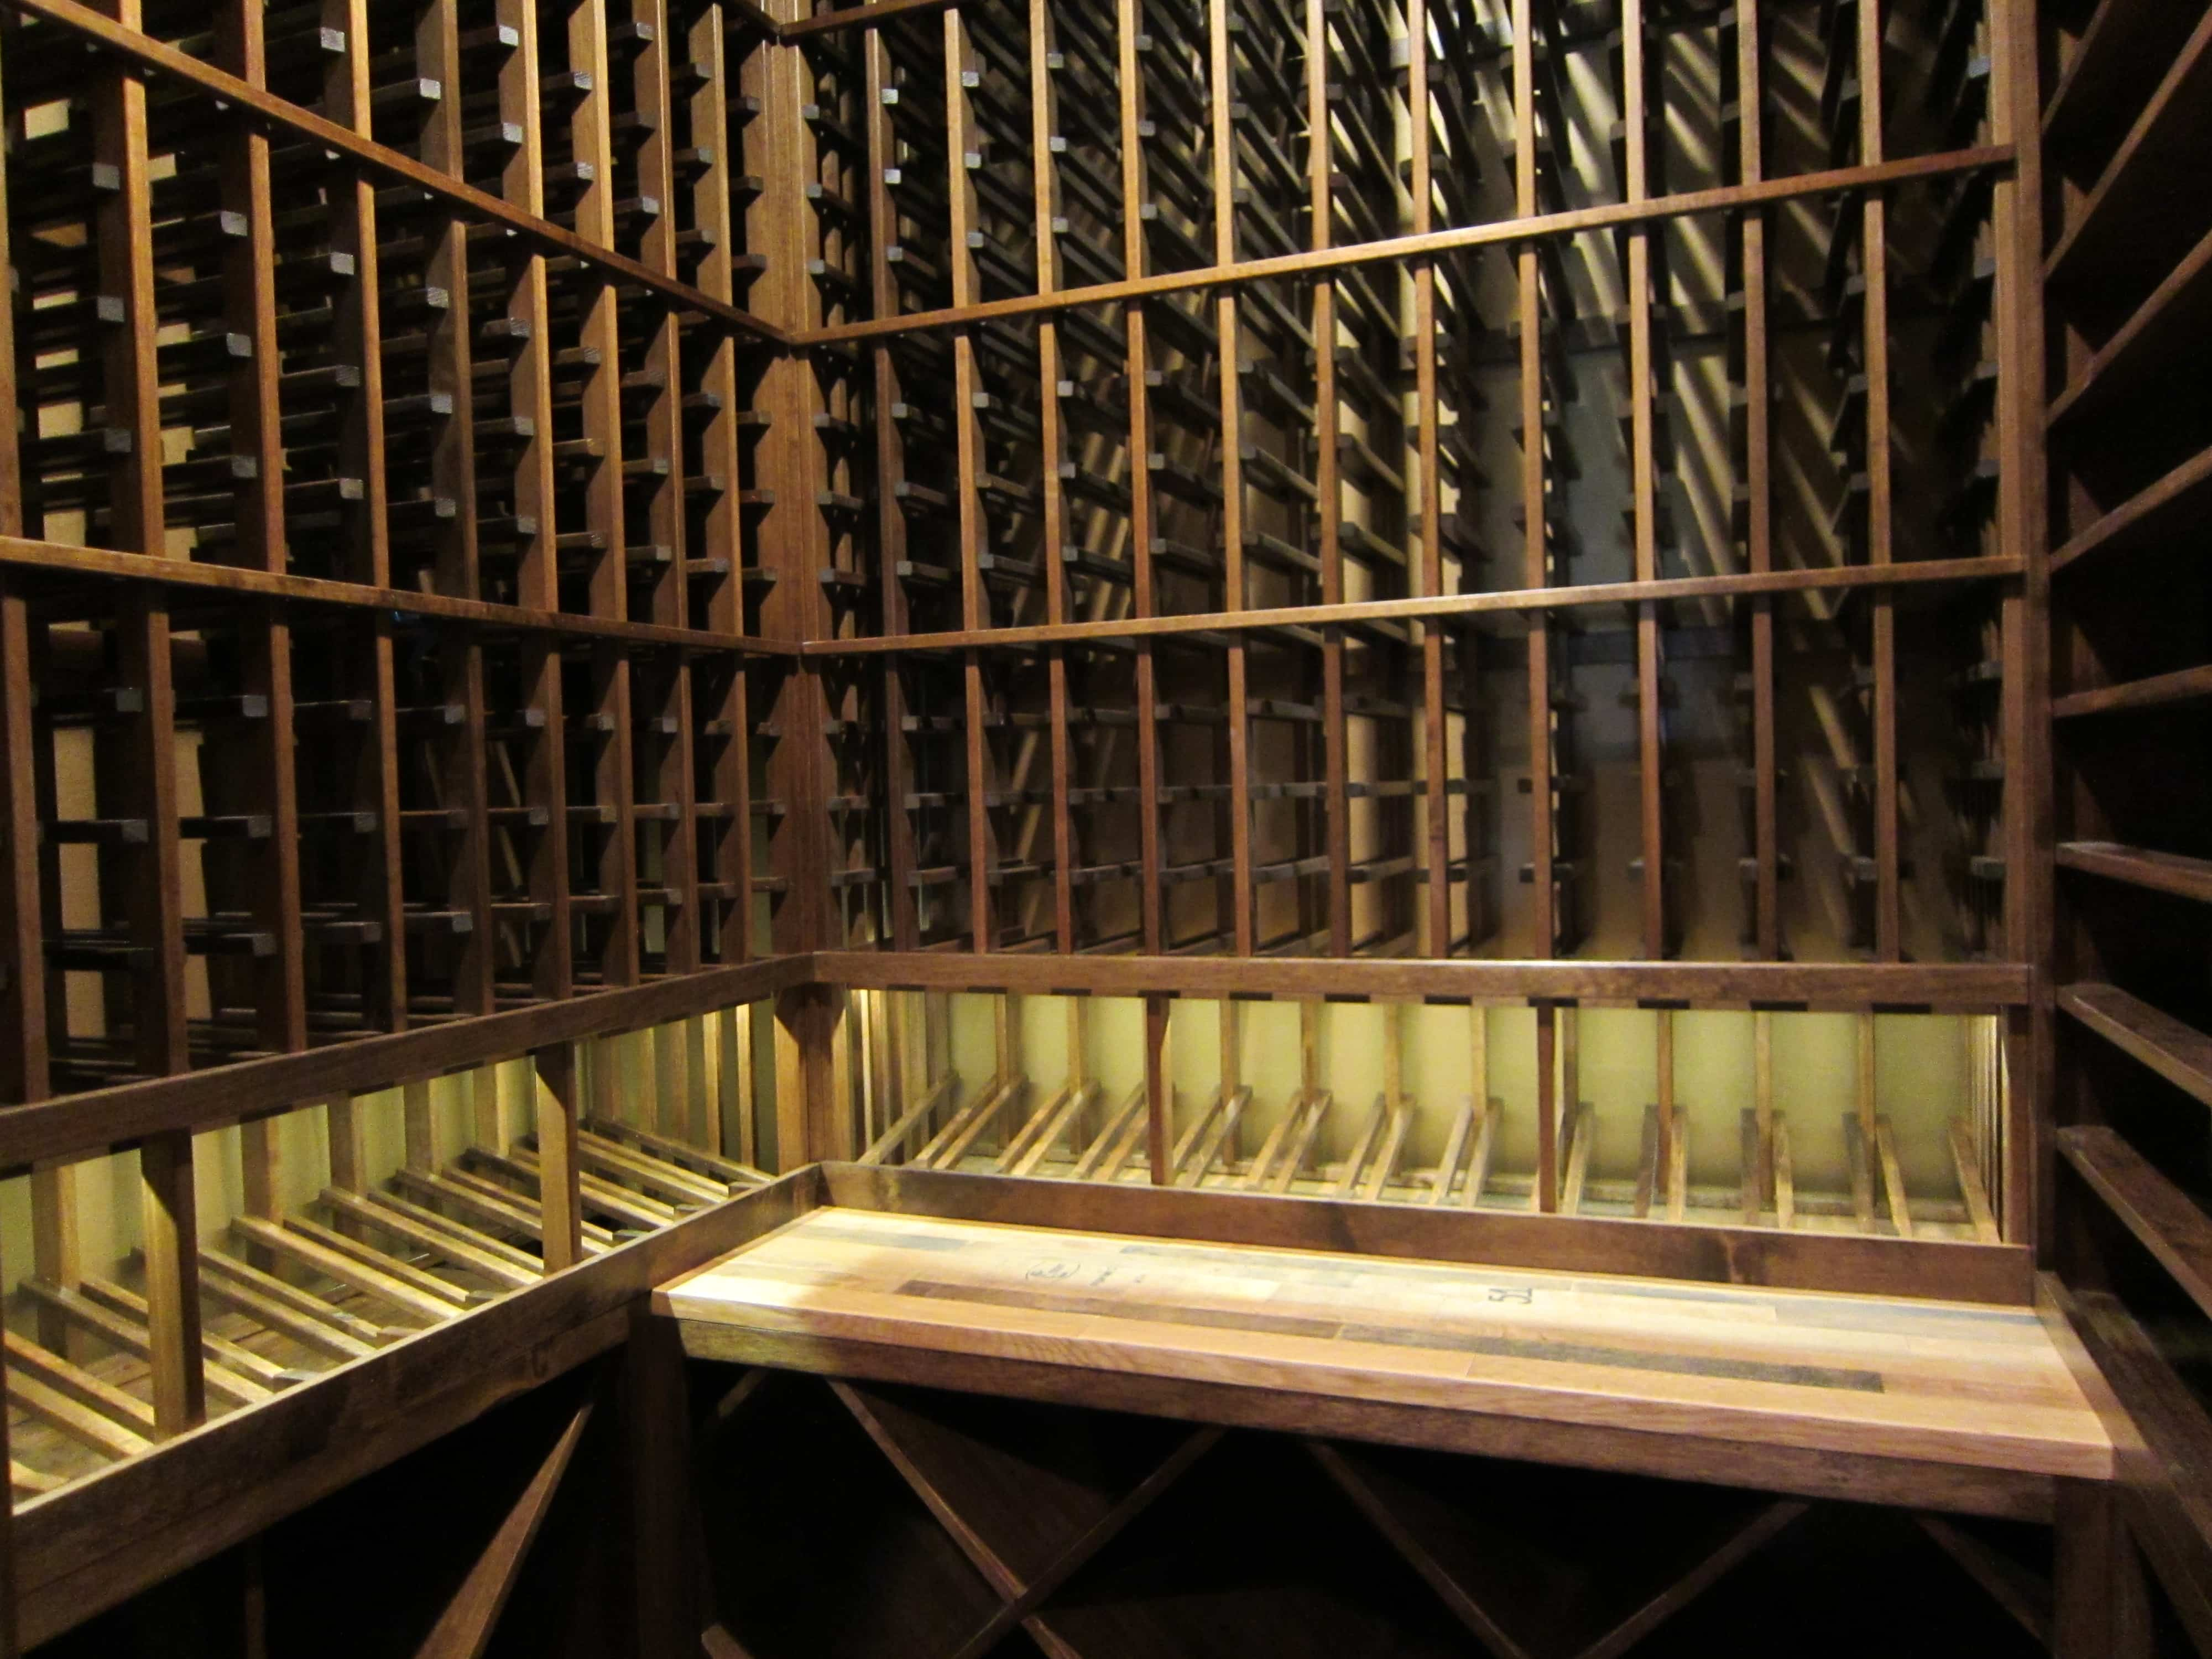 Wine Cellar Specialists Build Wine Cellars Dallas Texas - Home wine cellar design